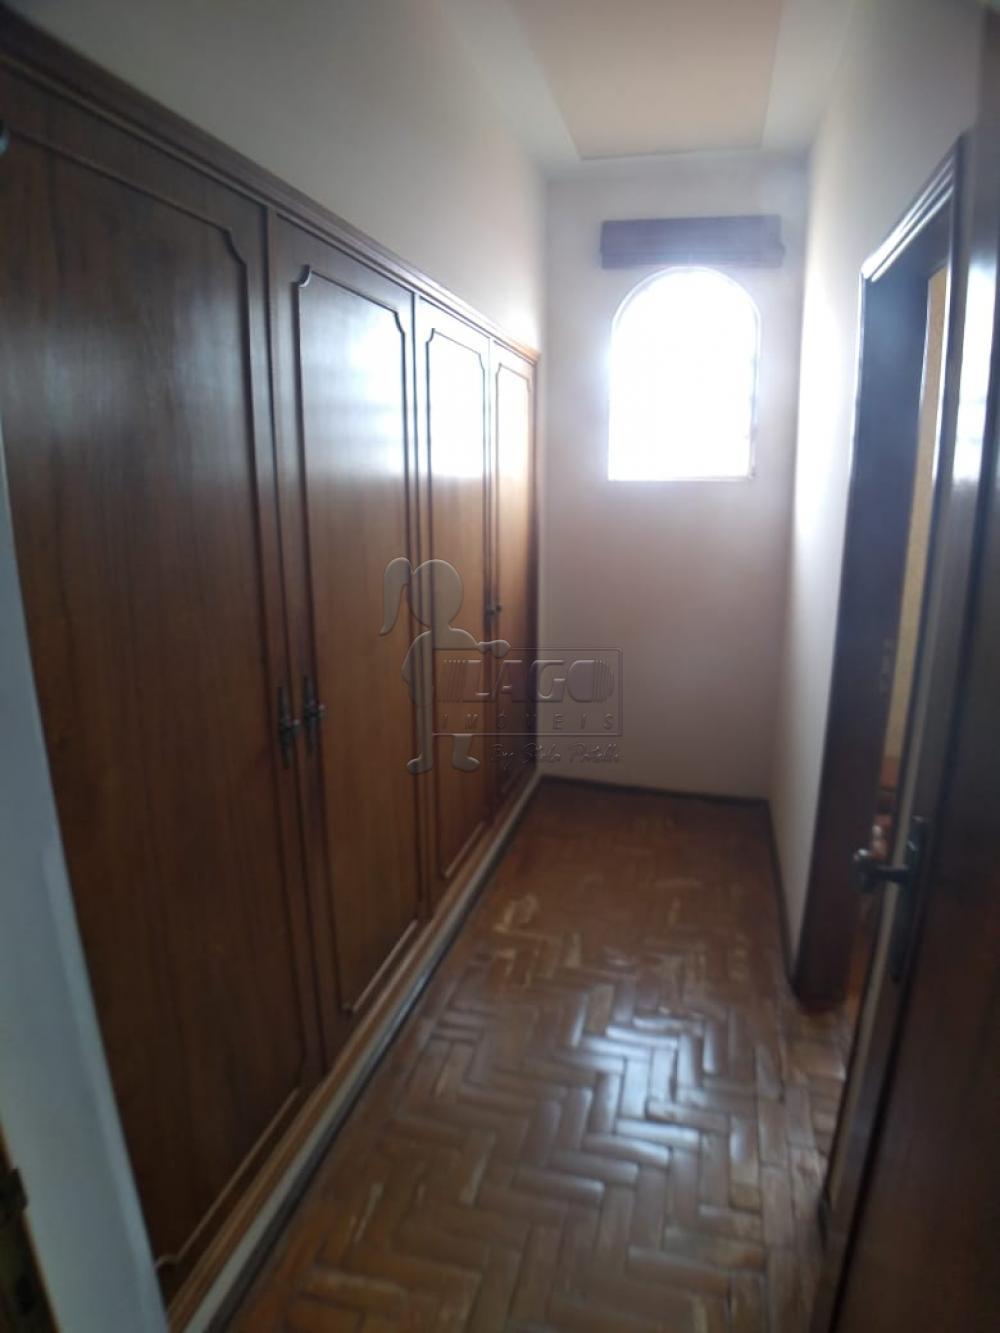 Alugar Casas / Padrão em Ribeirão Preto apenas R$ 3.500,00 - Foto 25